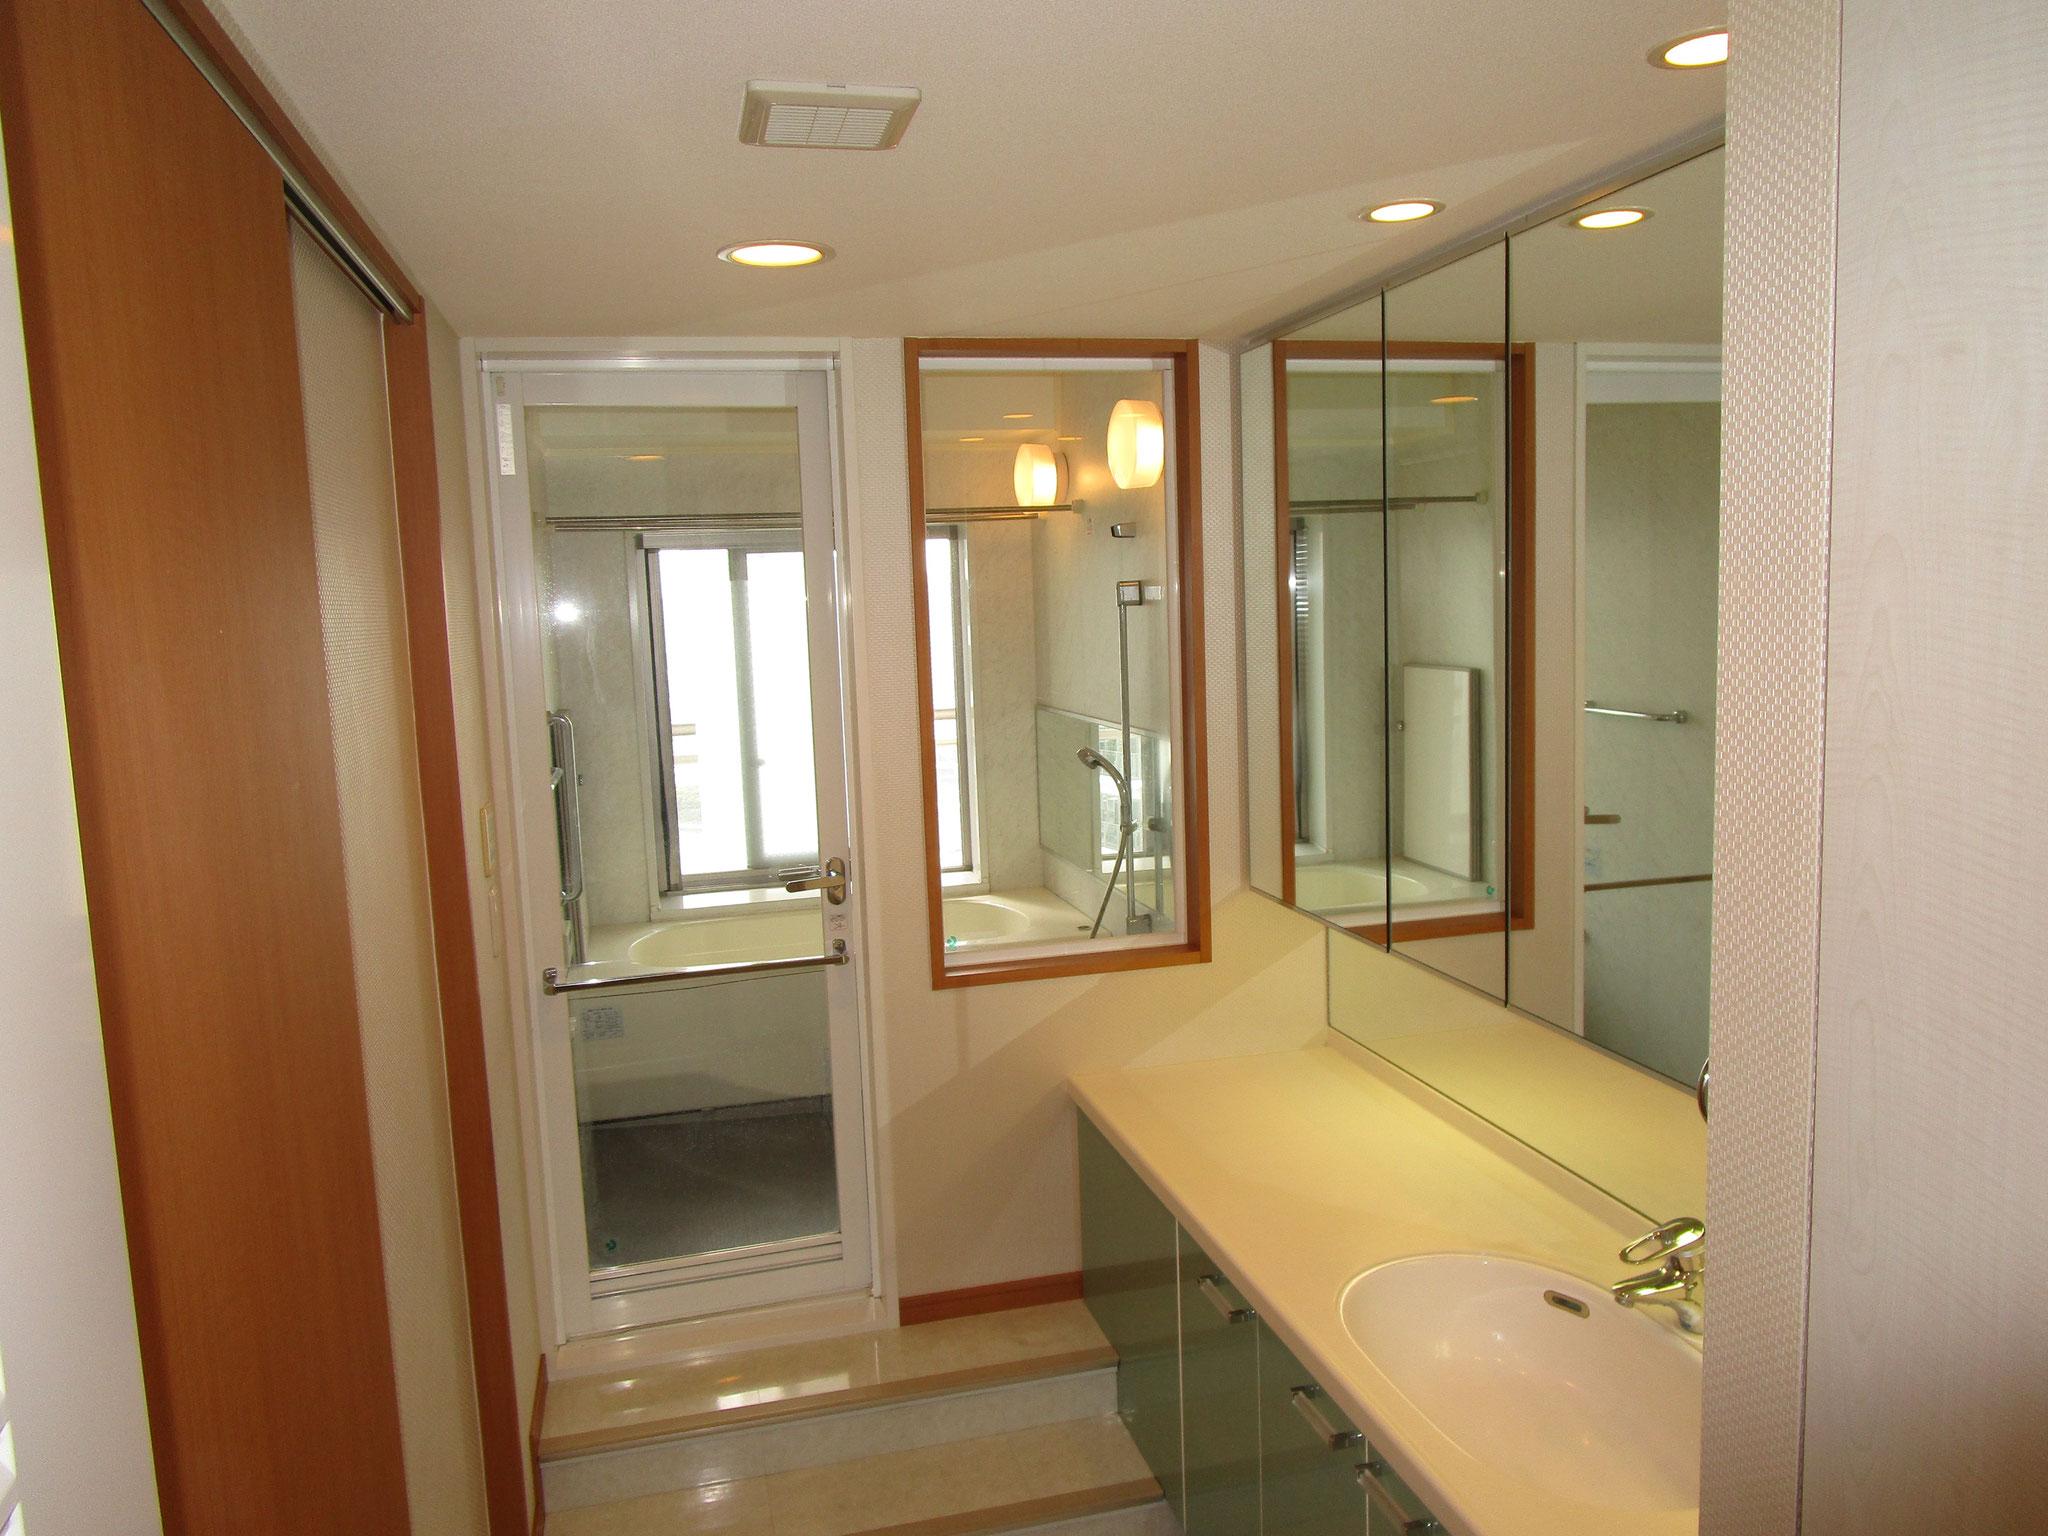 お隣の広い浴室が見えます